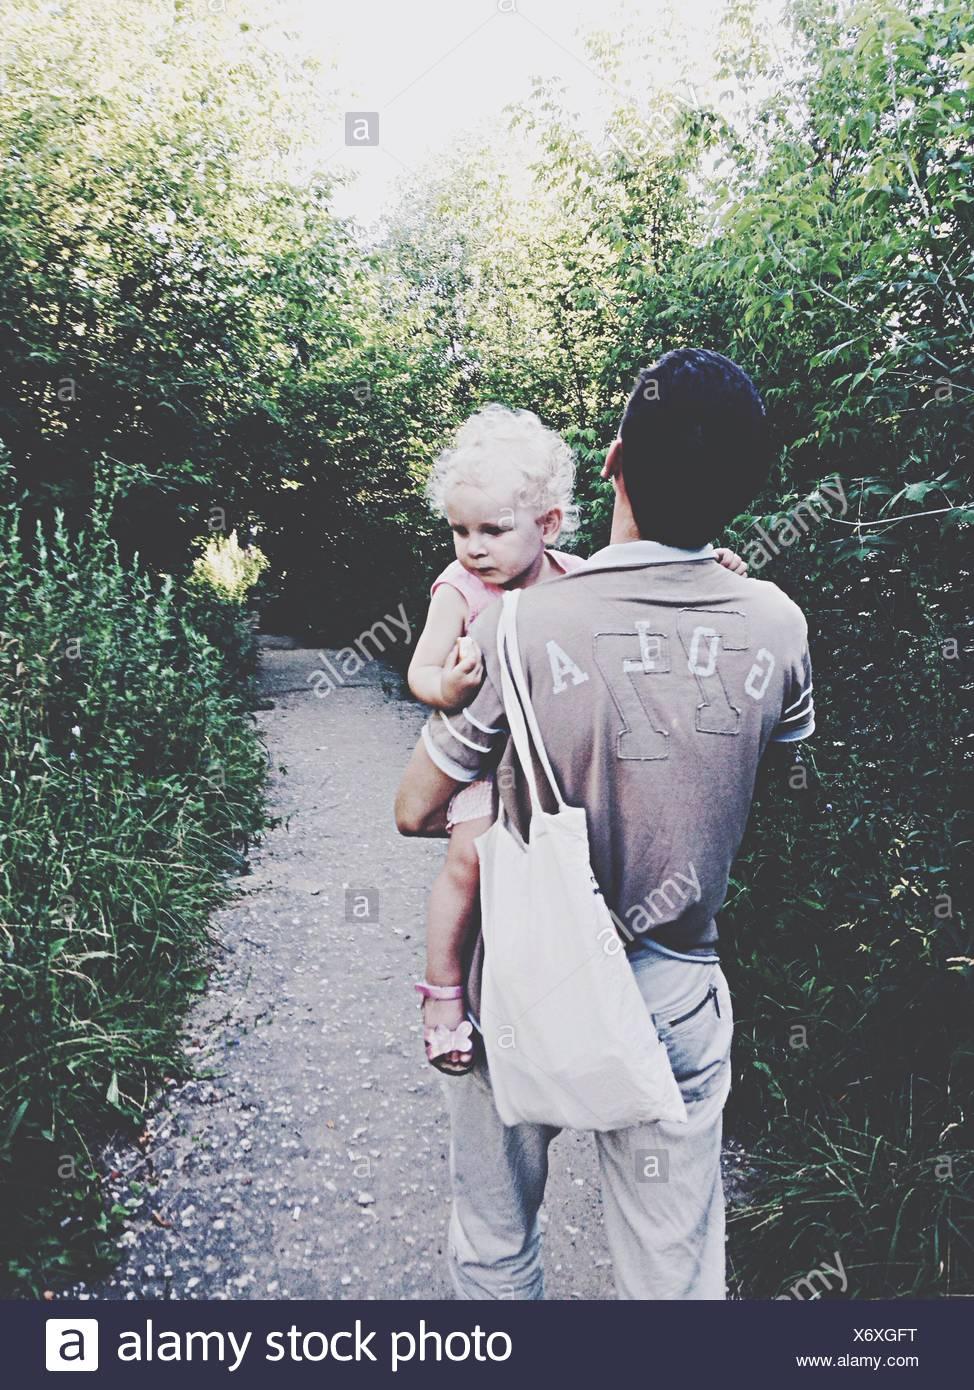 Rückansicht des Mann, Baby und Tasche zu Fuß auf dem Gehweg inmitten von Bäumen im Park Stockbild